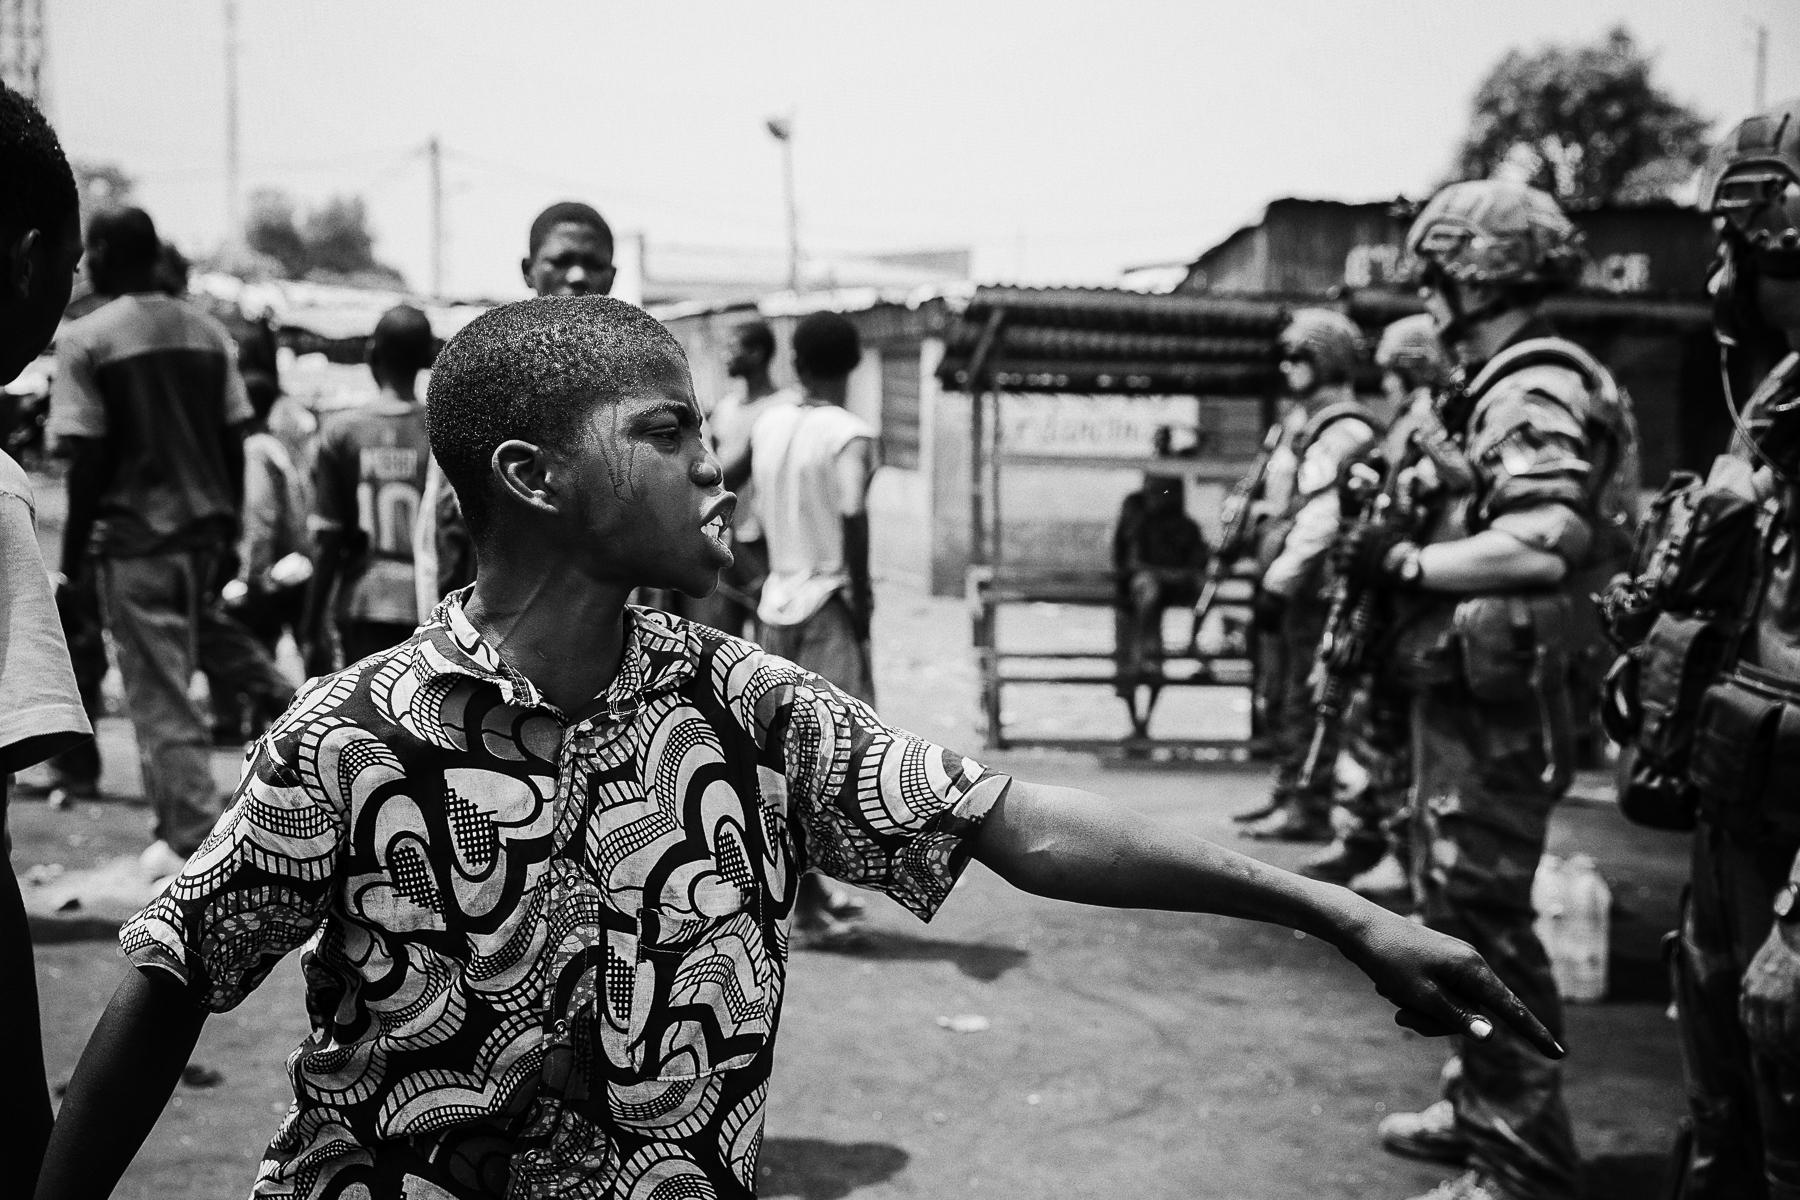 RCA, février 2014. A Bangui, les militaires français de l'opération Sangaris en RDC s'interposent entre les derniers Peuls pas encore évacués du point kilométrique 12 et des jeunes chretiens infiltrés par les anti Balaka.CAR, February 2014. In Bangui, french military from the Sangaris operation try to avoid anti Balaka and youg Christian extremists to attack a convoy of Peuls muslims that is leaving the PK 12, the way out of the capital.